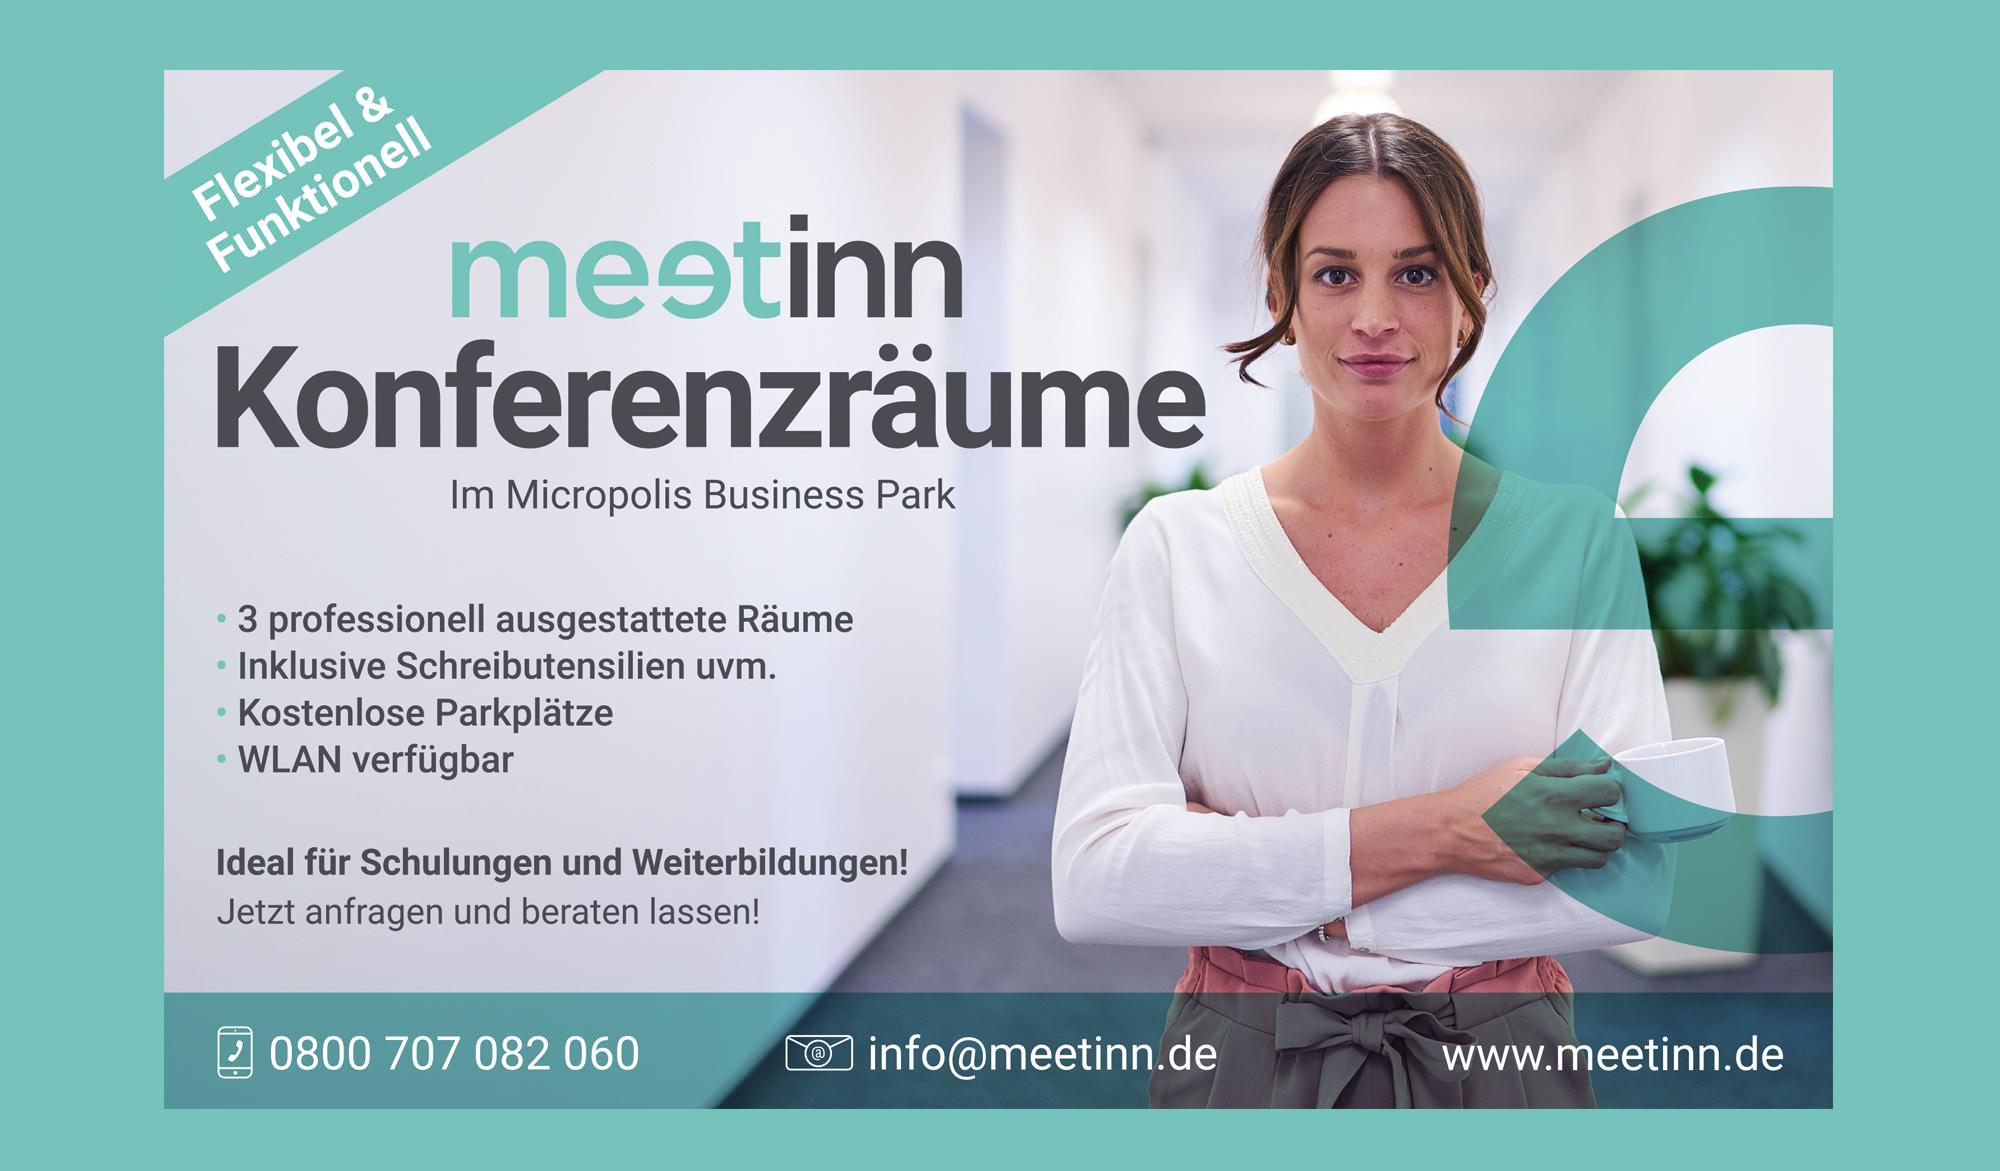 meetinn advert